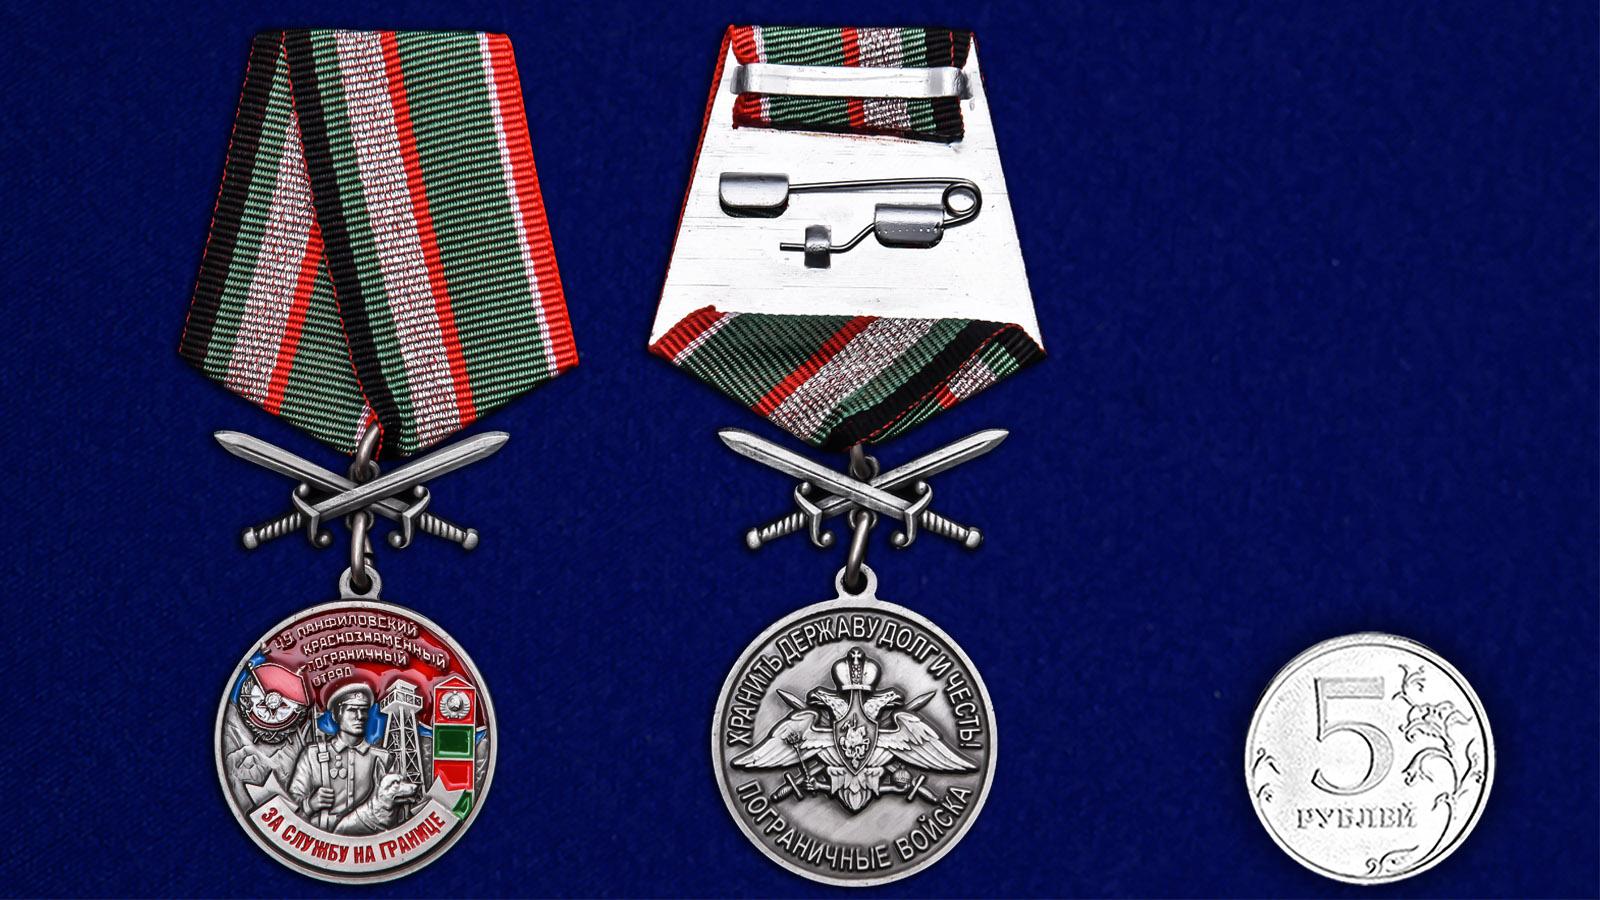 Памятная  медаль За службу на границе (49 Панфиловский ПогО) - сравнительный вид